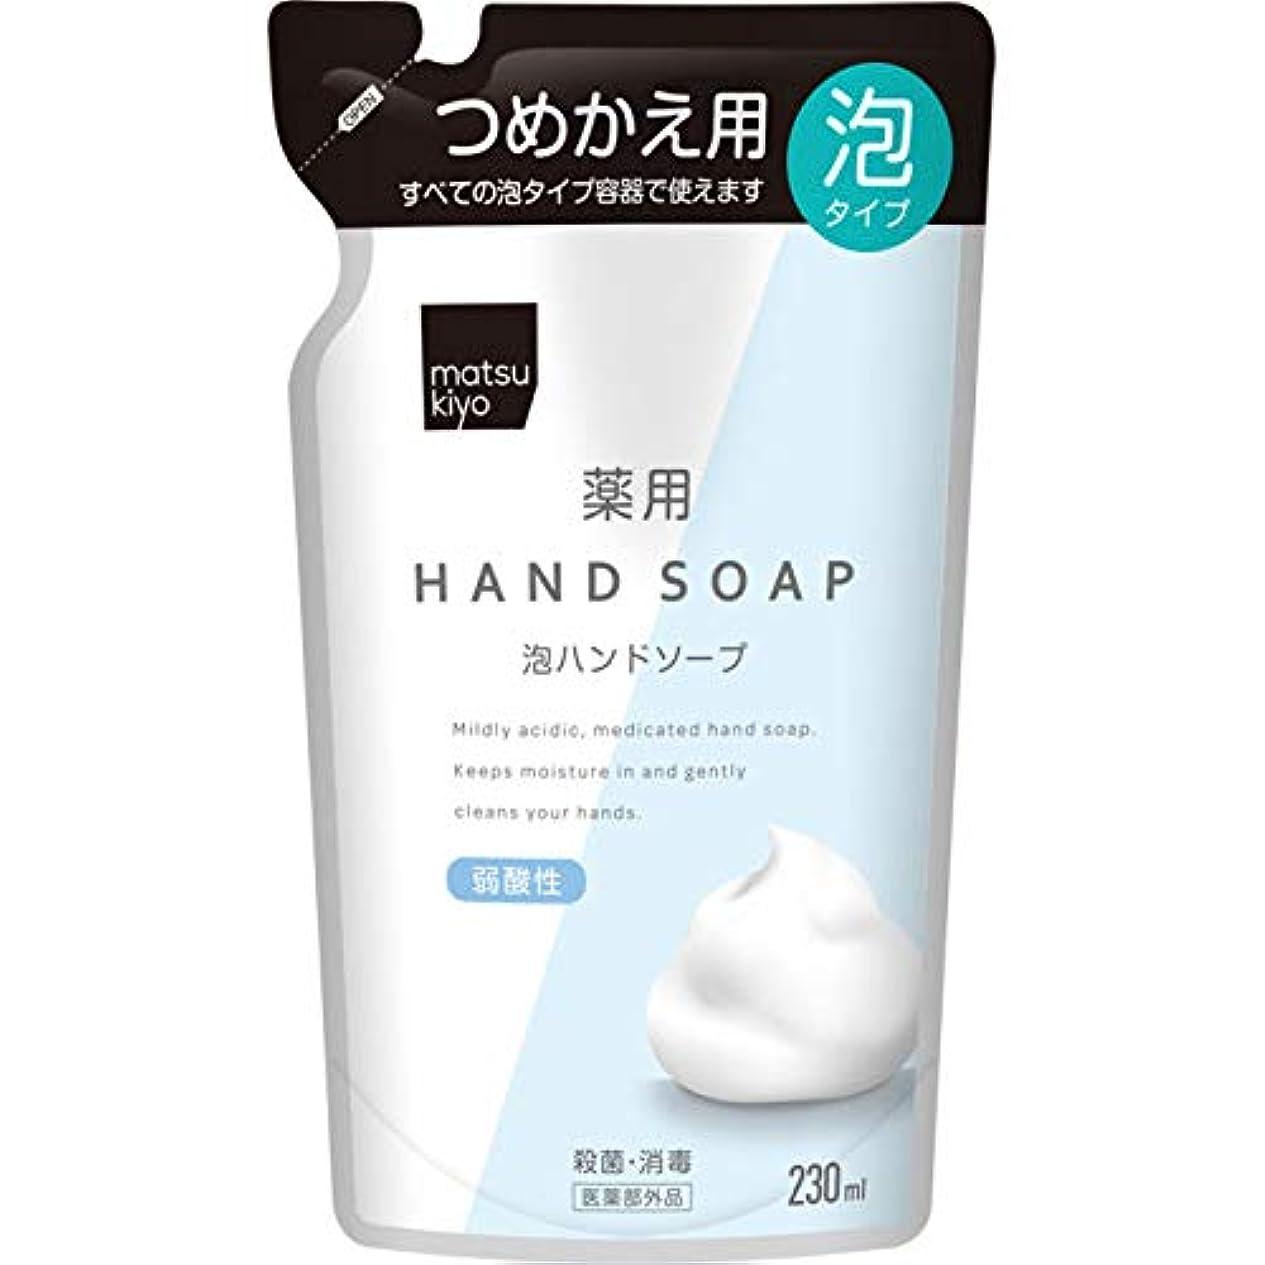 仲介者さわやかいくつかのmatsukiyo 薬用泡ハンドソープ詰替 230ml (医薬部外品)